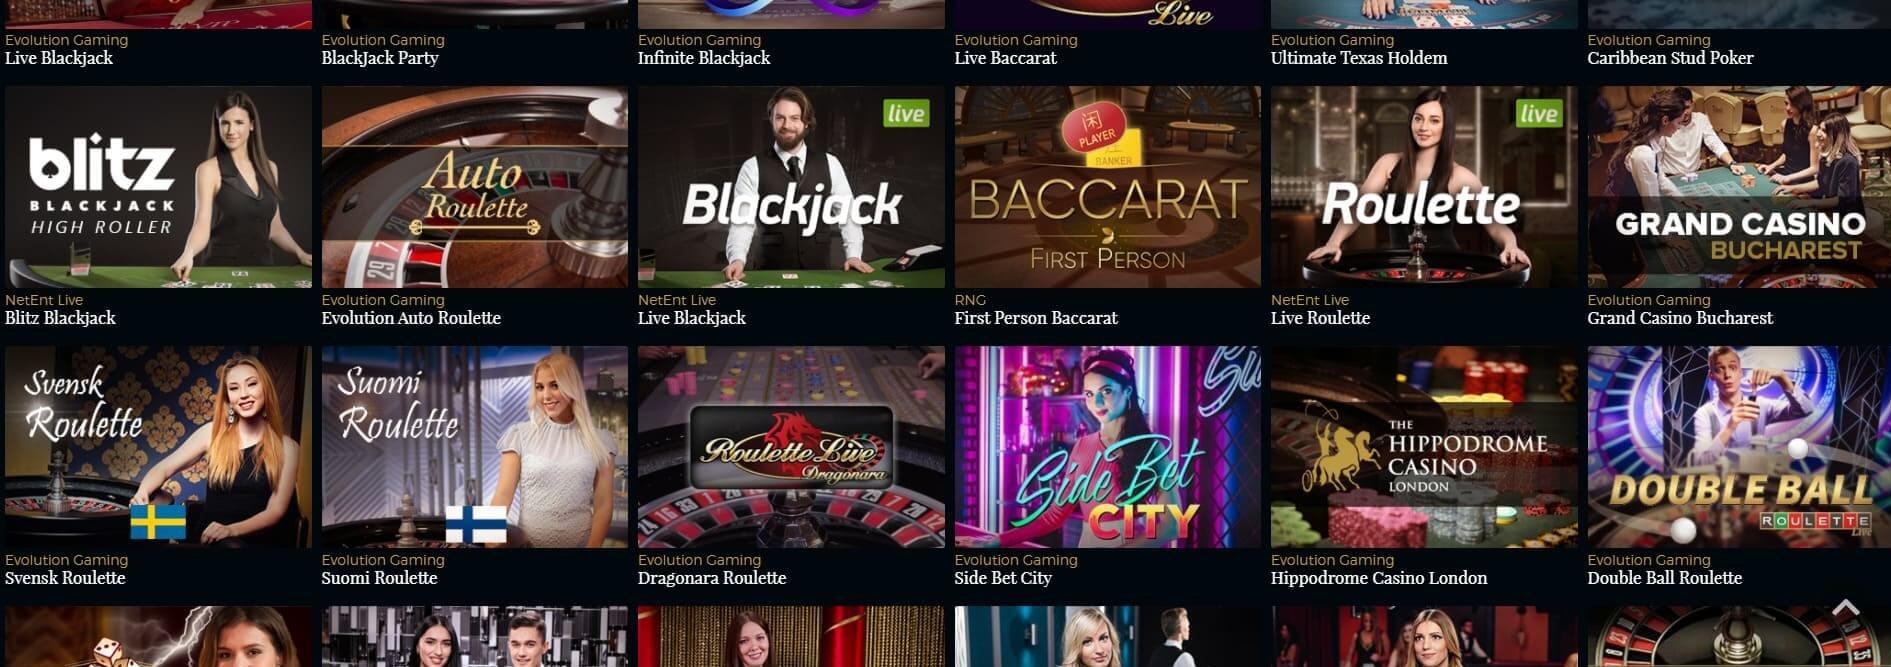 Premiere Live Casino lever upp till sitt namn med mängder av bord